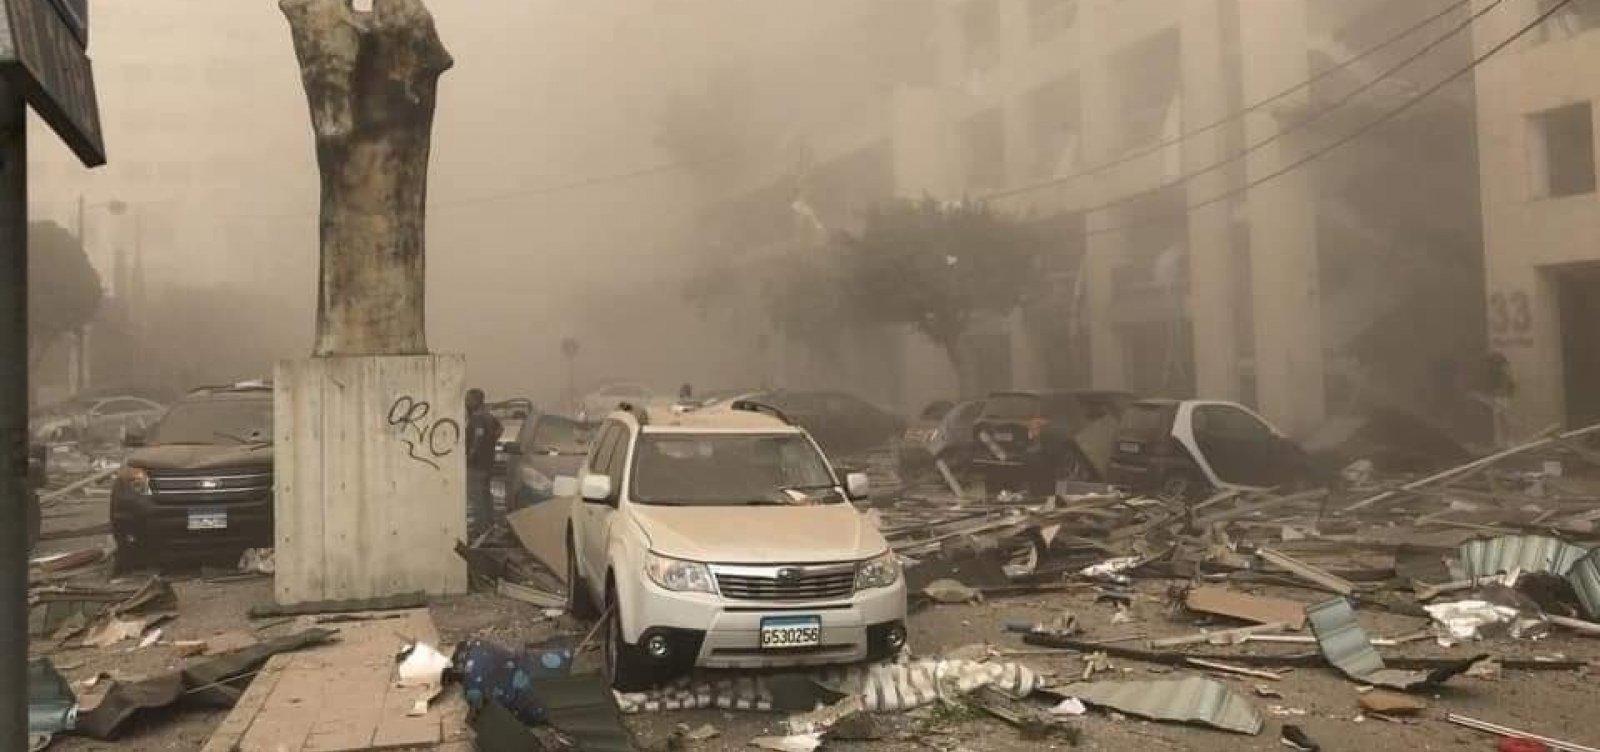 [Mais de 60 pessoas estão desaparecidas após explosão em Beirute]